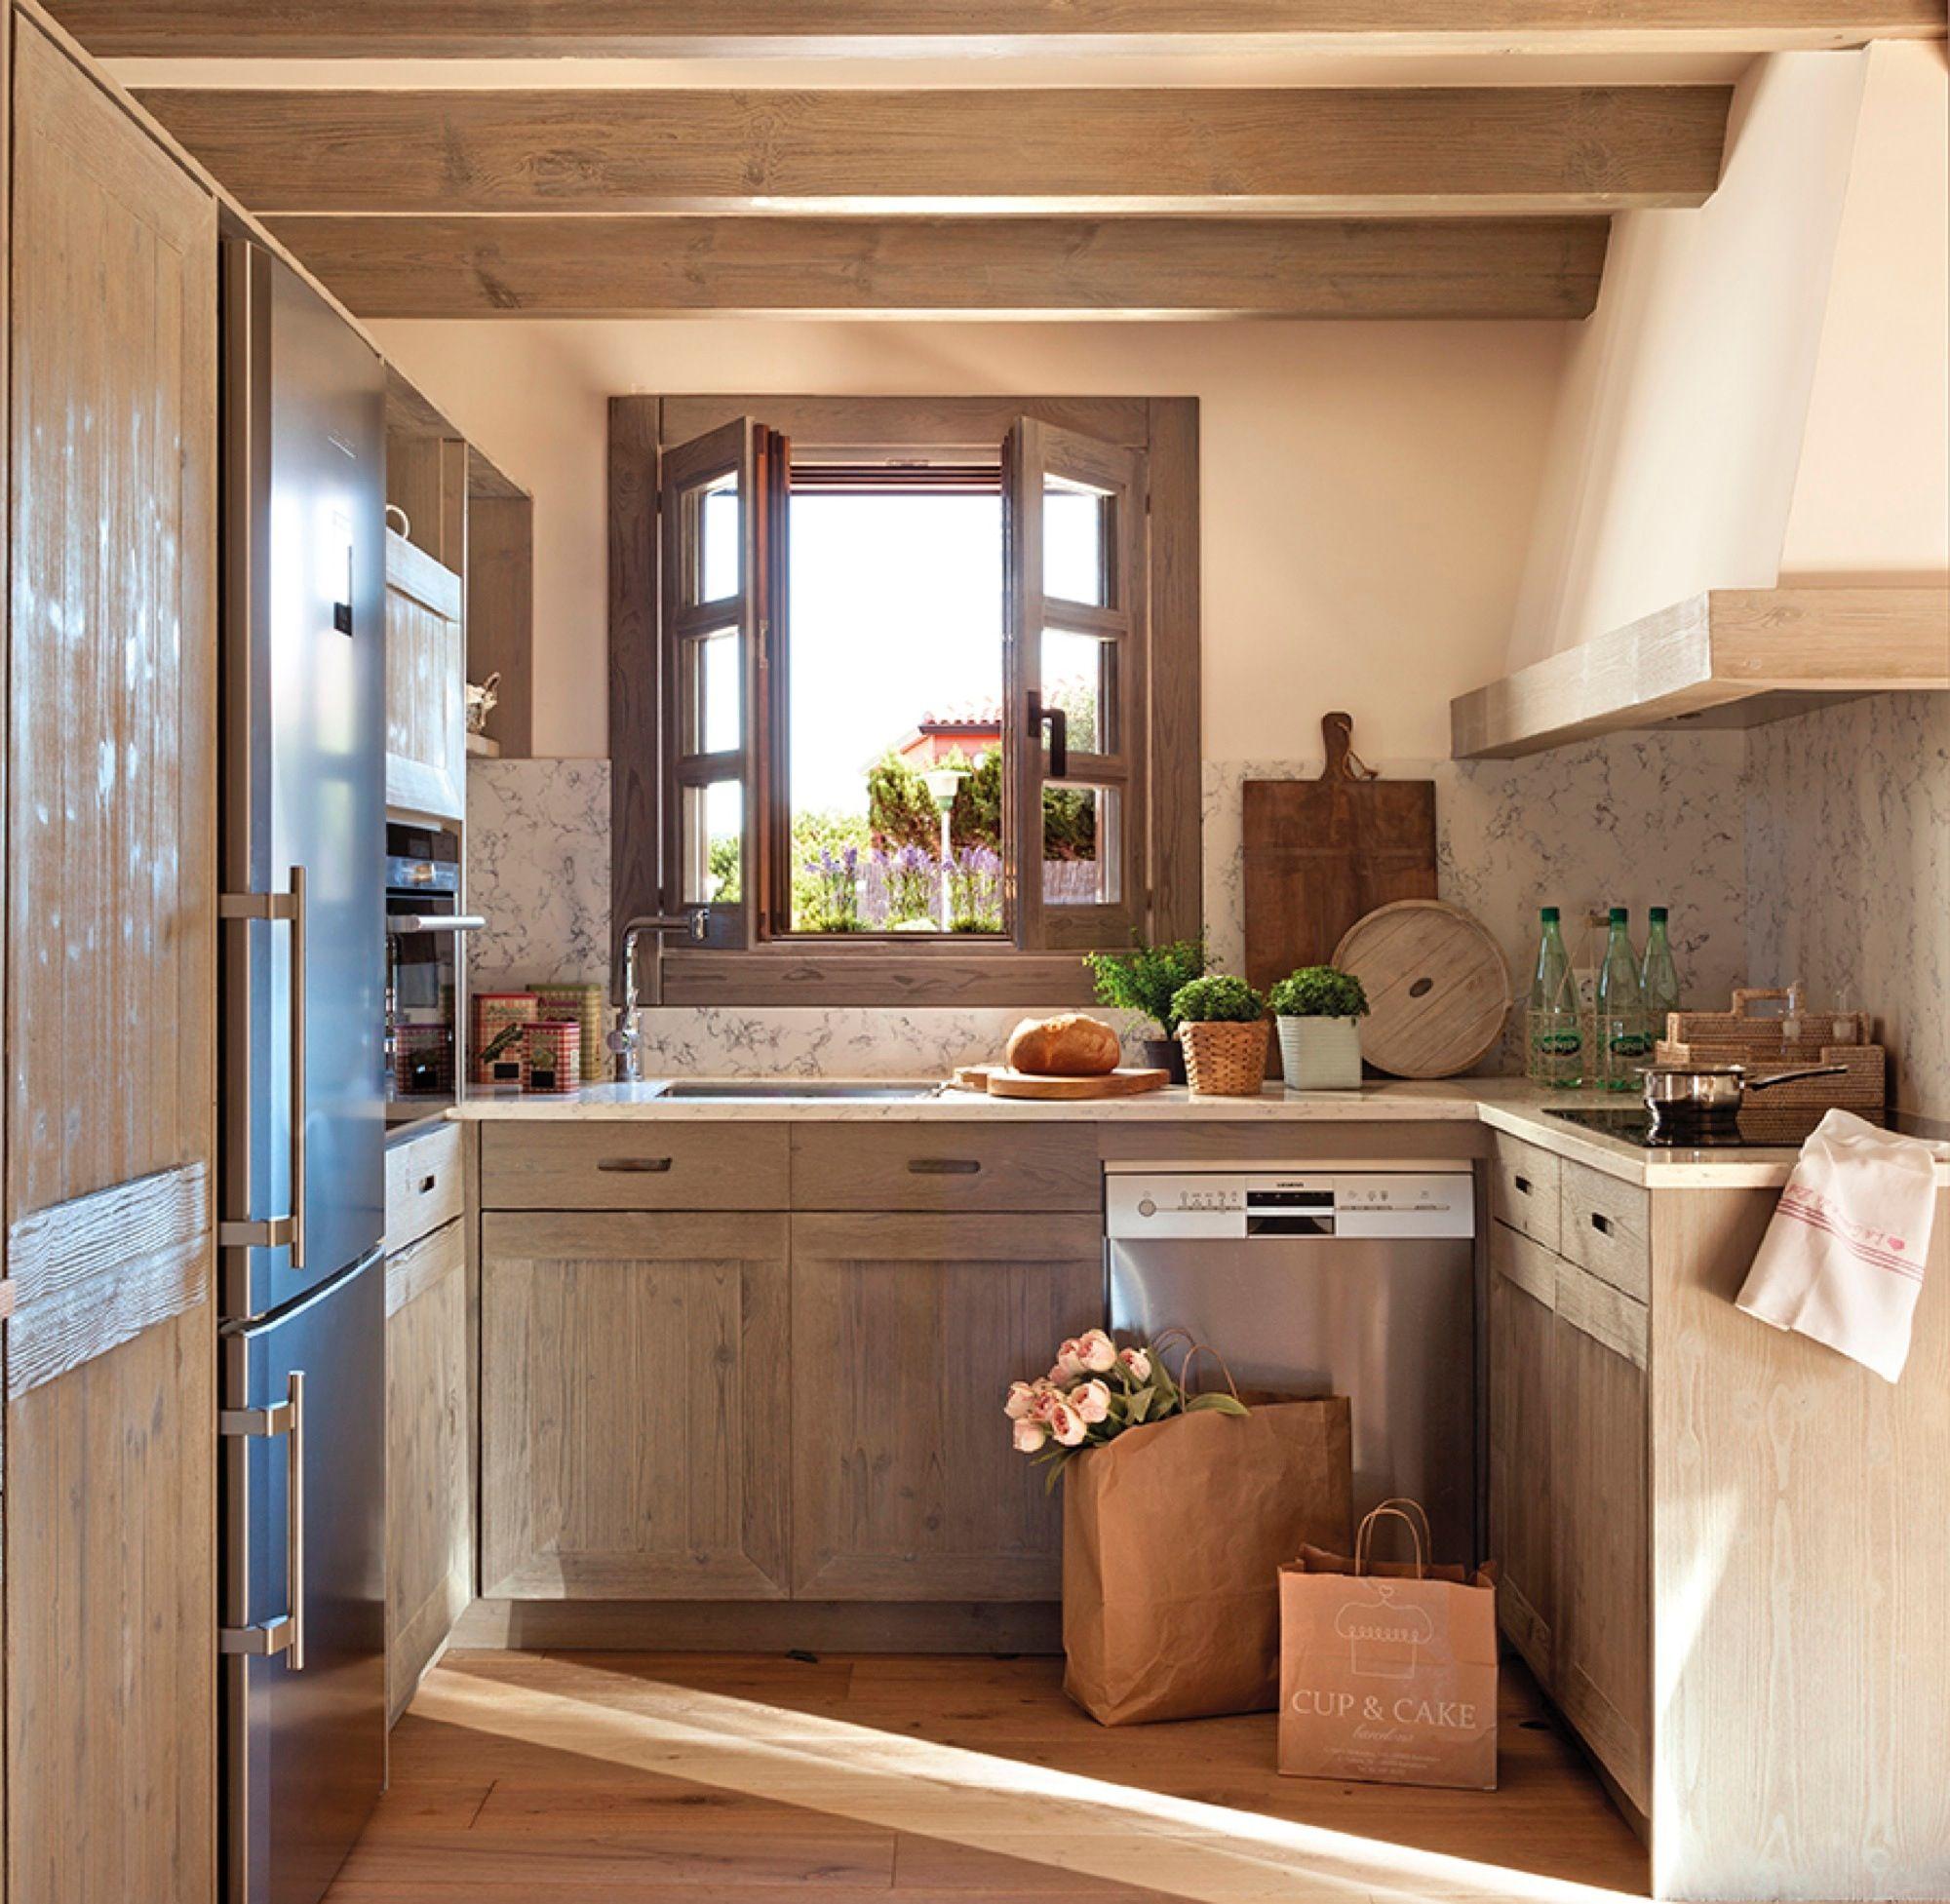 Дизайн маленькой кухни в деревенском стиле